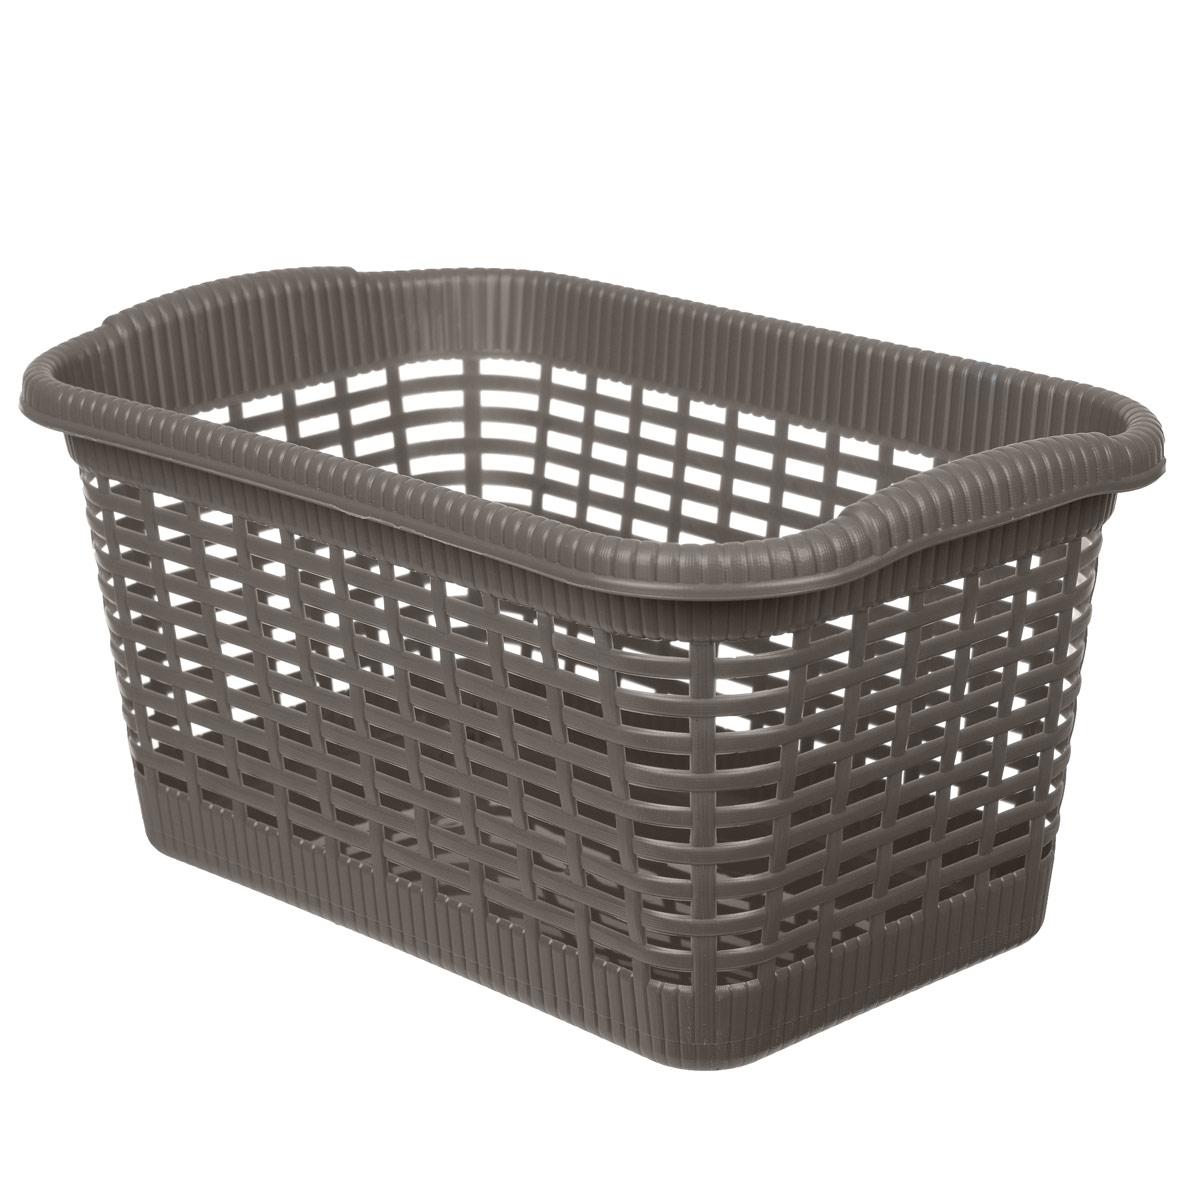 Корзина хозяйственная Gensini, цвет: коричневый, 36 x 22,5 x 18 смCLP446Универсальная корзина Gensini, выполненная из пластика, предназначена для хранения мелочей в ванной, на кухне, даче или гараже. Позволяет хранить мелкие вещи, исключая возможность их потери. Легкая воздушная корзина выполнена под плетенку и оснащена жесткой кромкой.Размер: 36 см x 22,5 см x 18 см. Объем: 15 л.